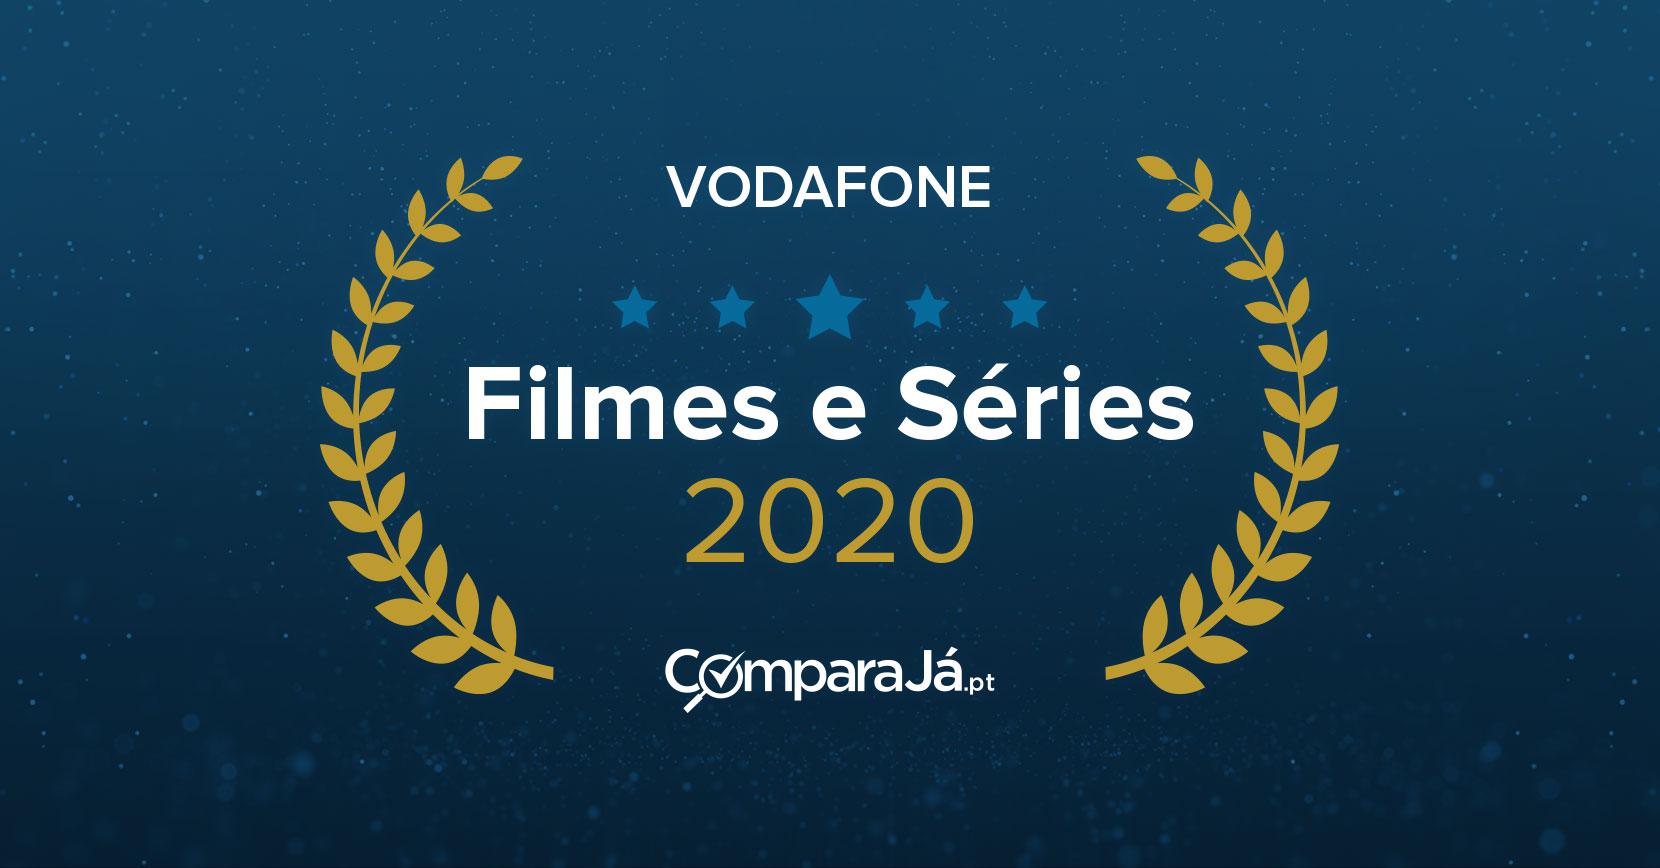 Melhor pacote para fãs de filmes e séries 2020_Vodafone